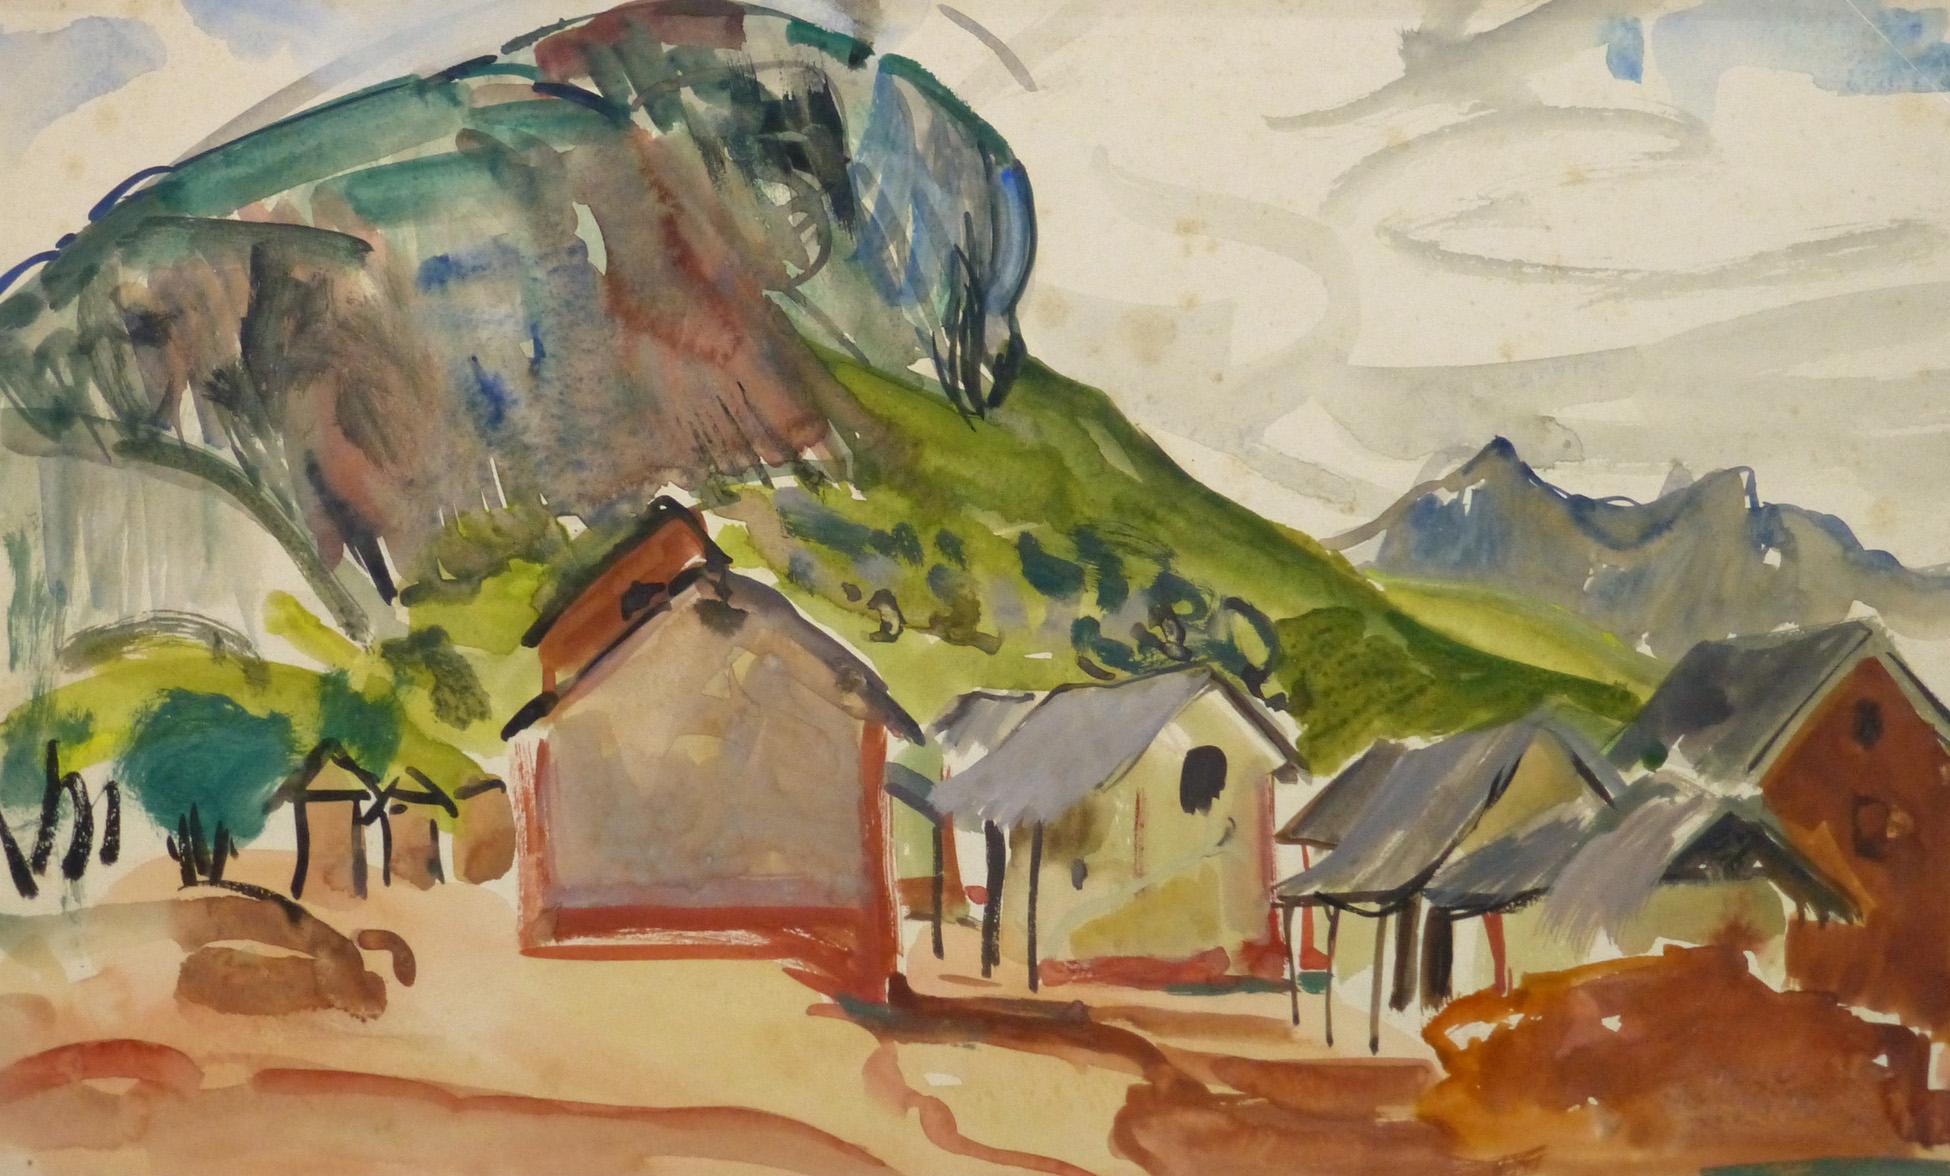 Watercolor Landscape - Tropic Mountainside - Main-9970M